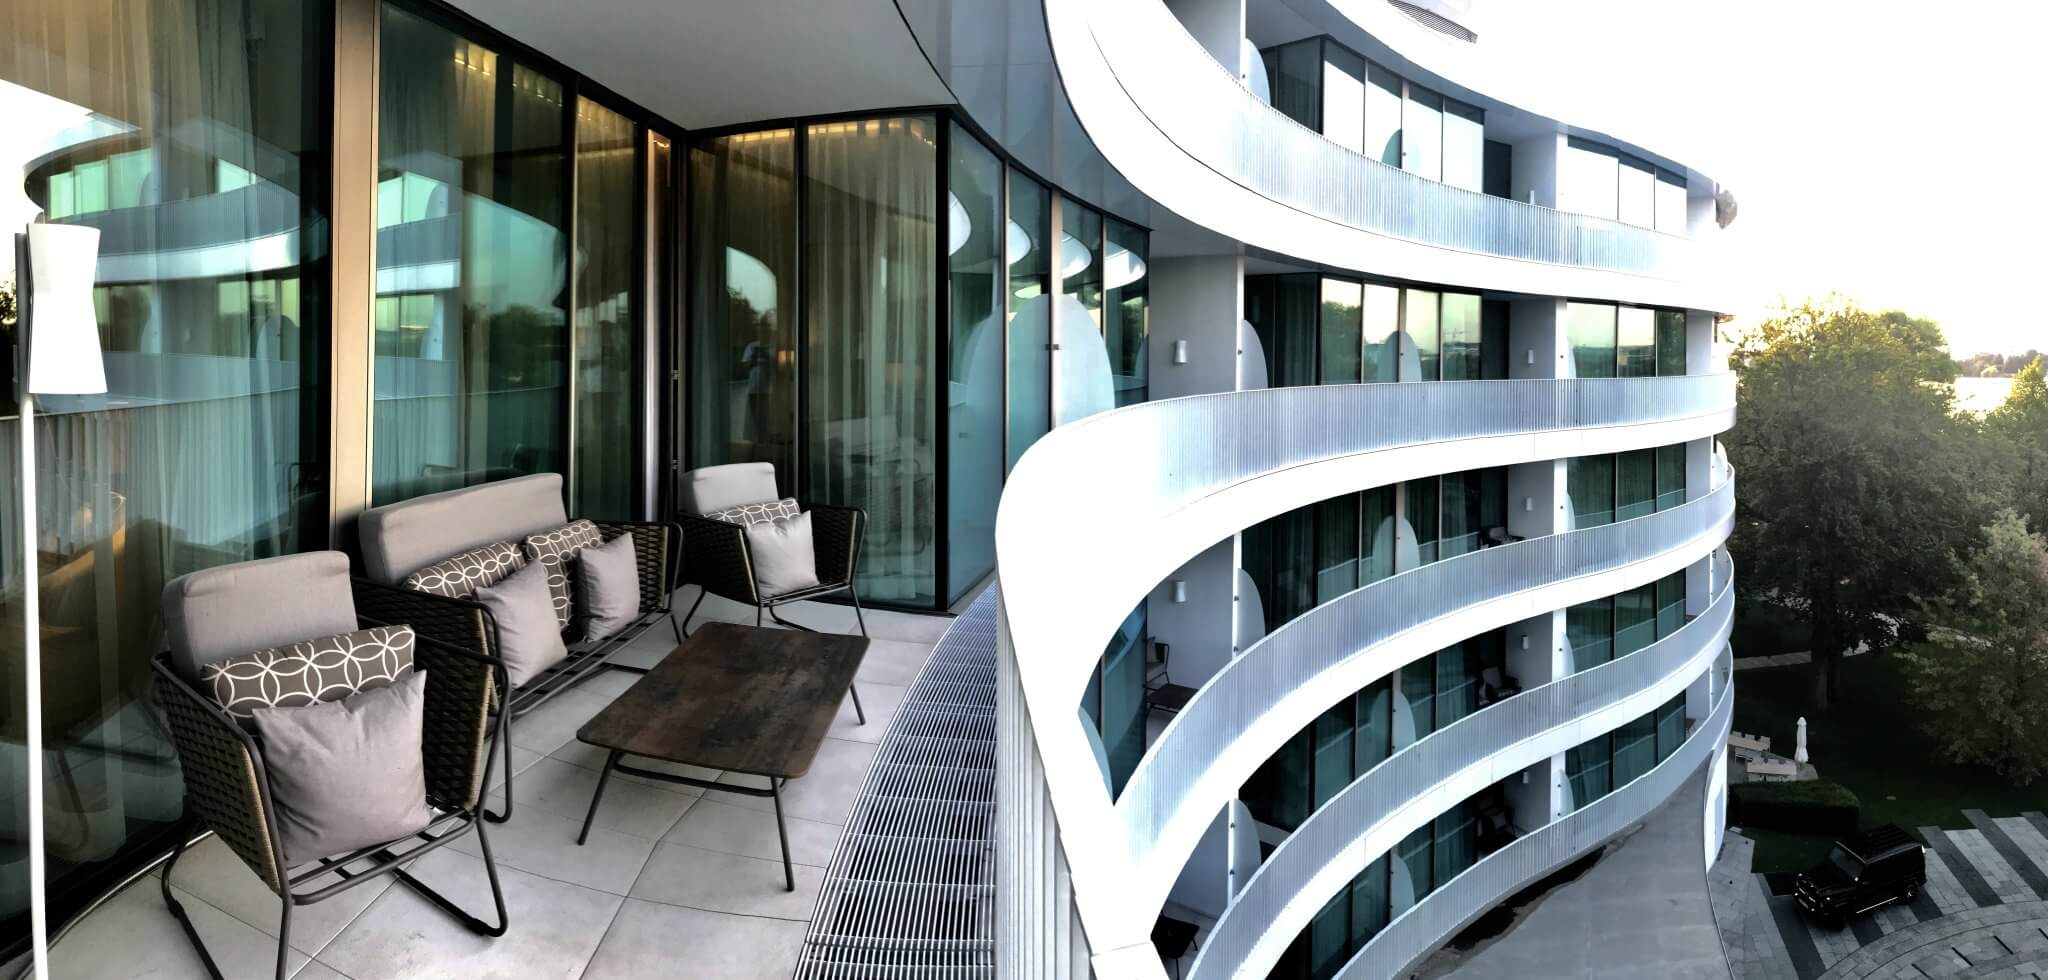 Für das Gesamtbild: Aufnahme des Außenbereichs der Hotelzimmer